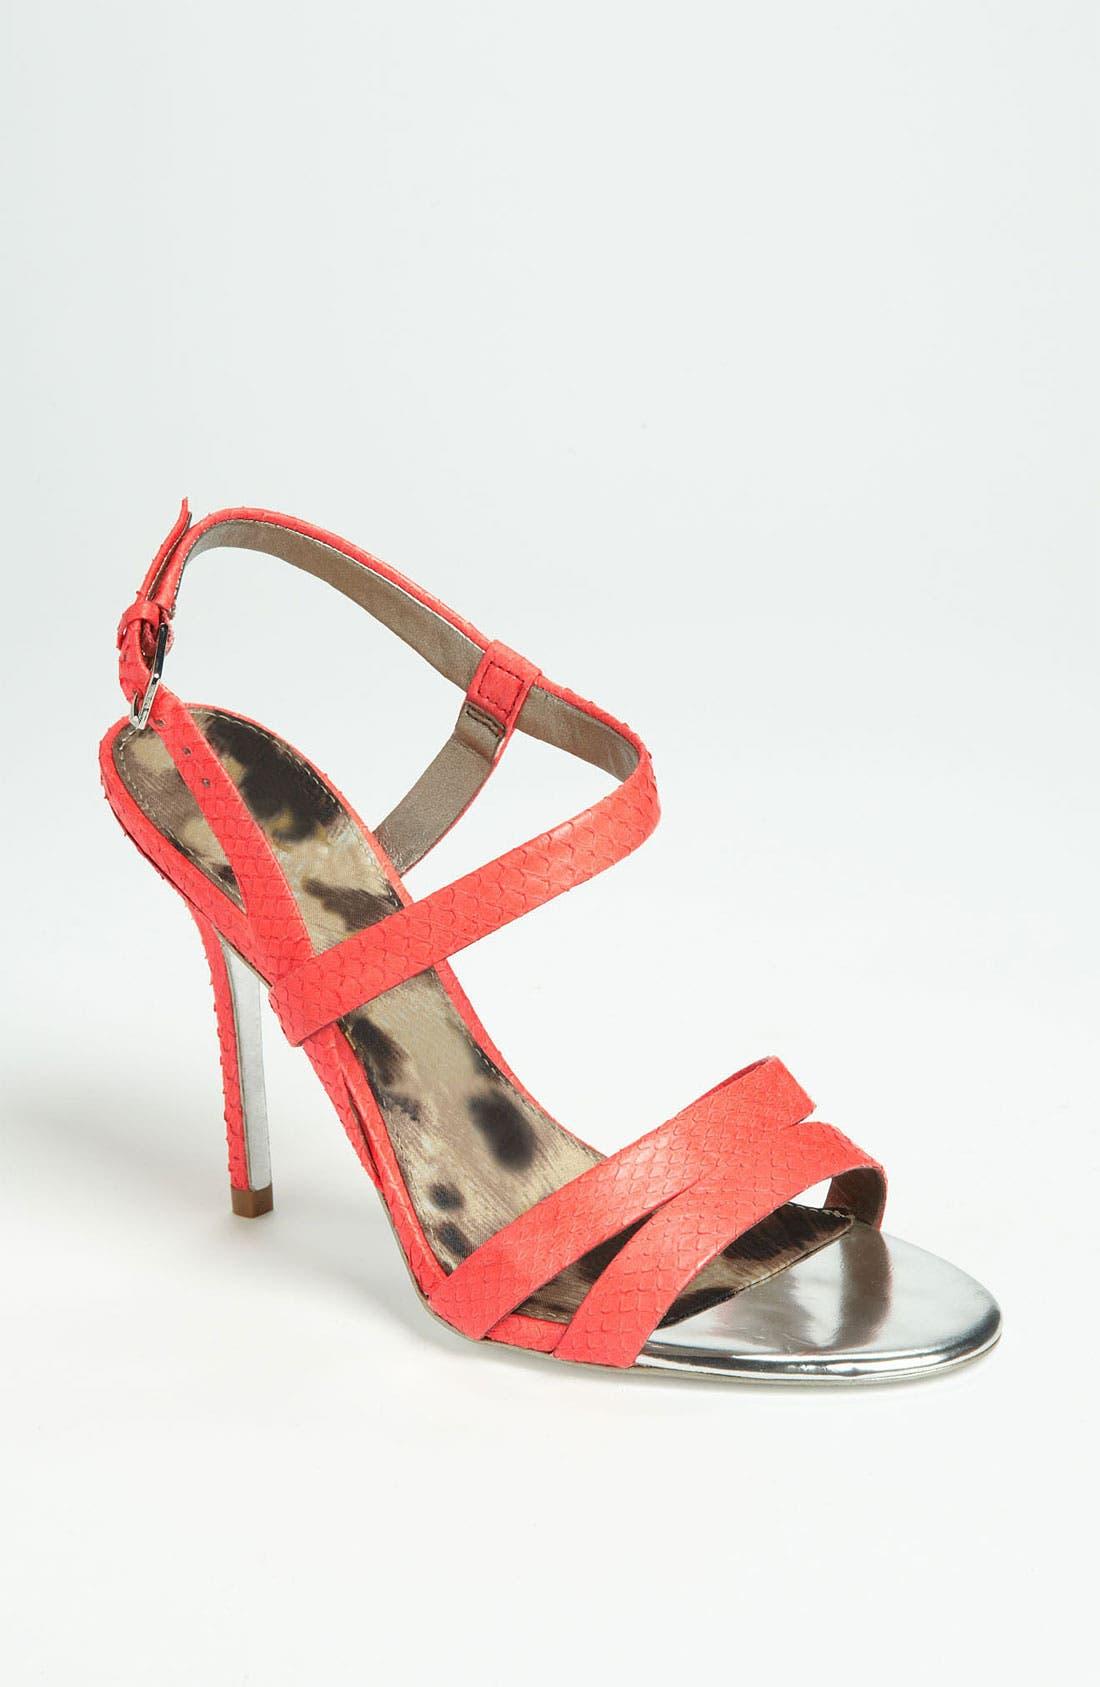 Main Image - Sam Edelman 'Abbott' Sandal